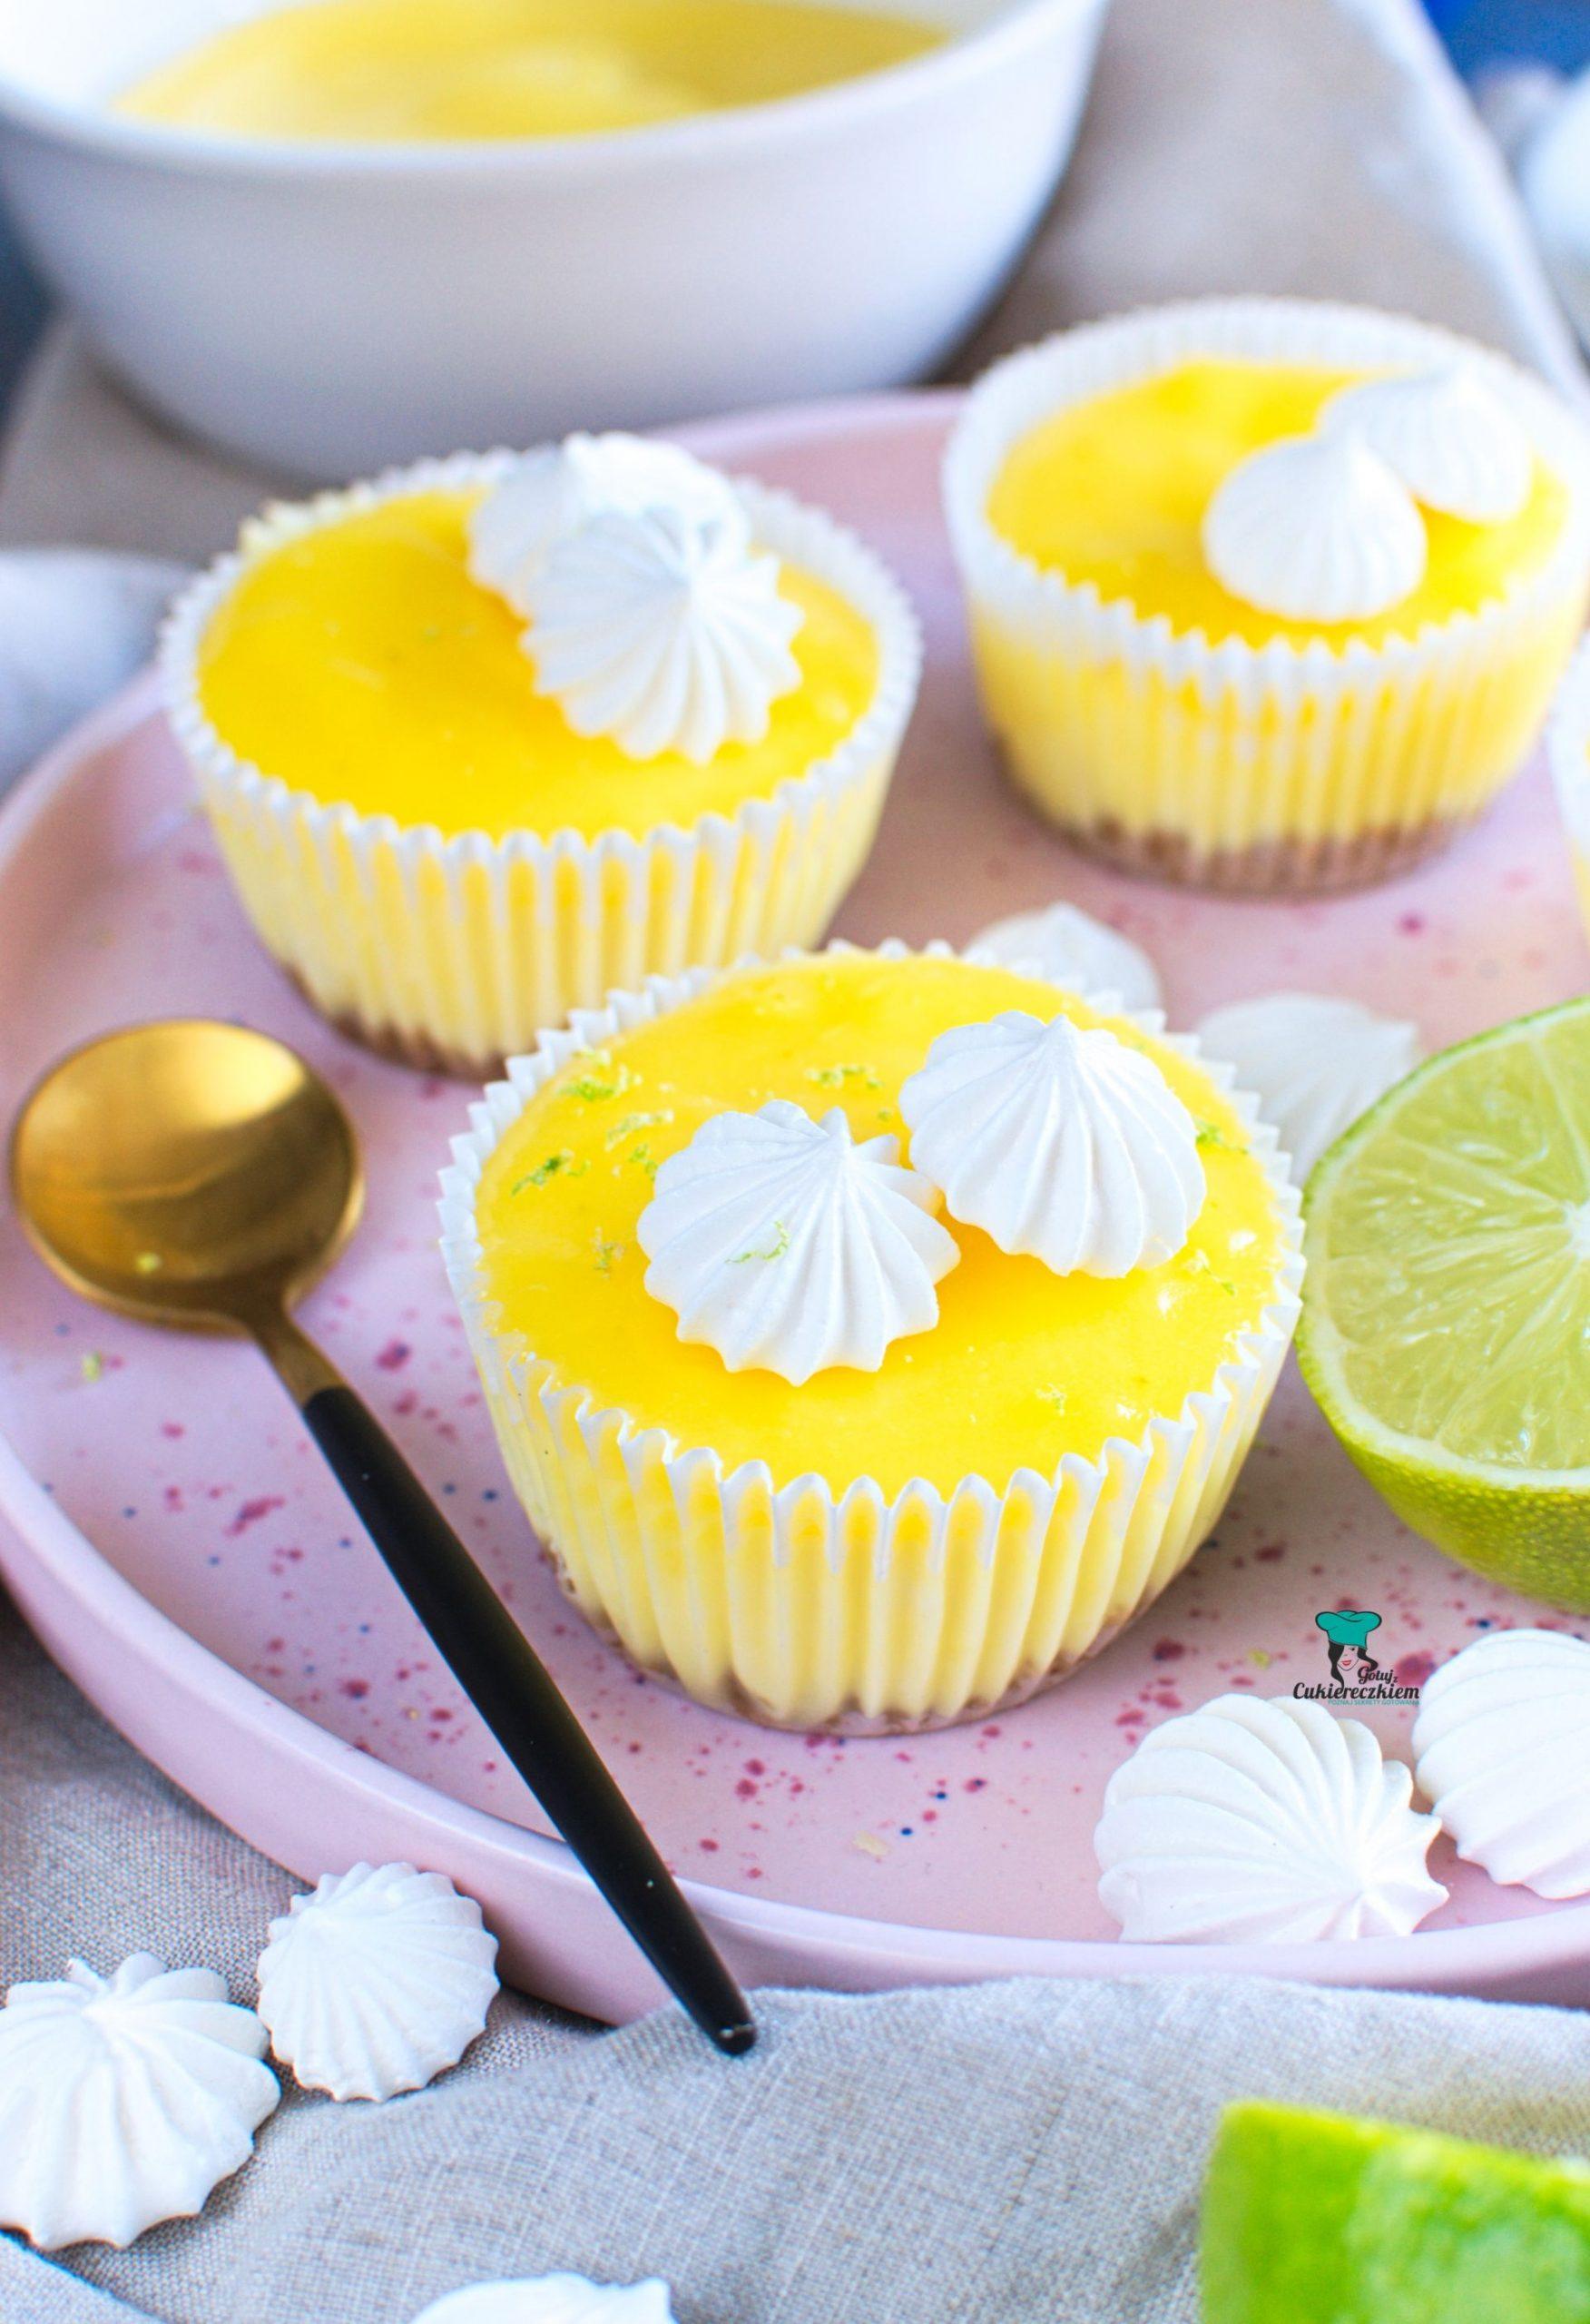 Serniczki z kremem limonkowym